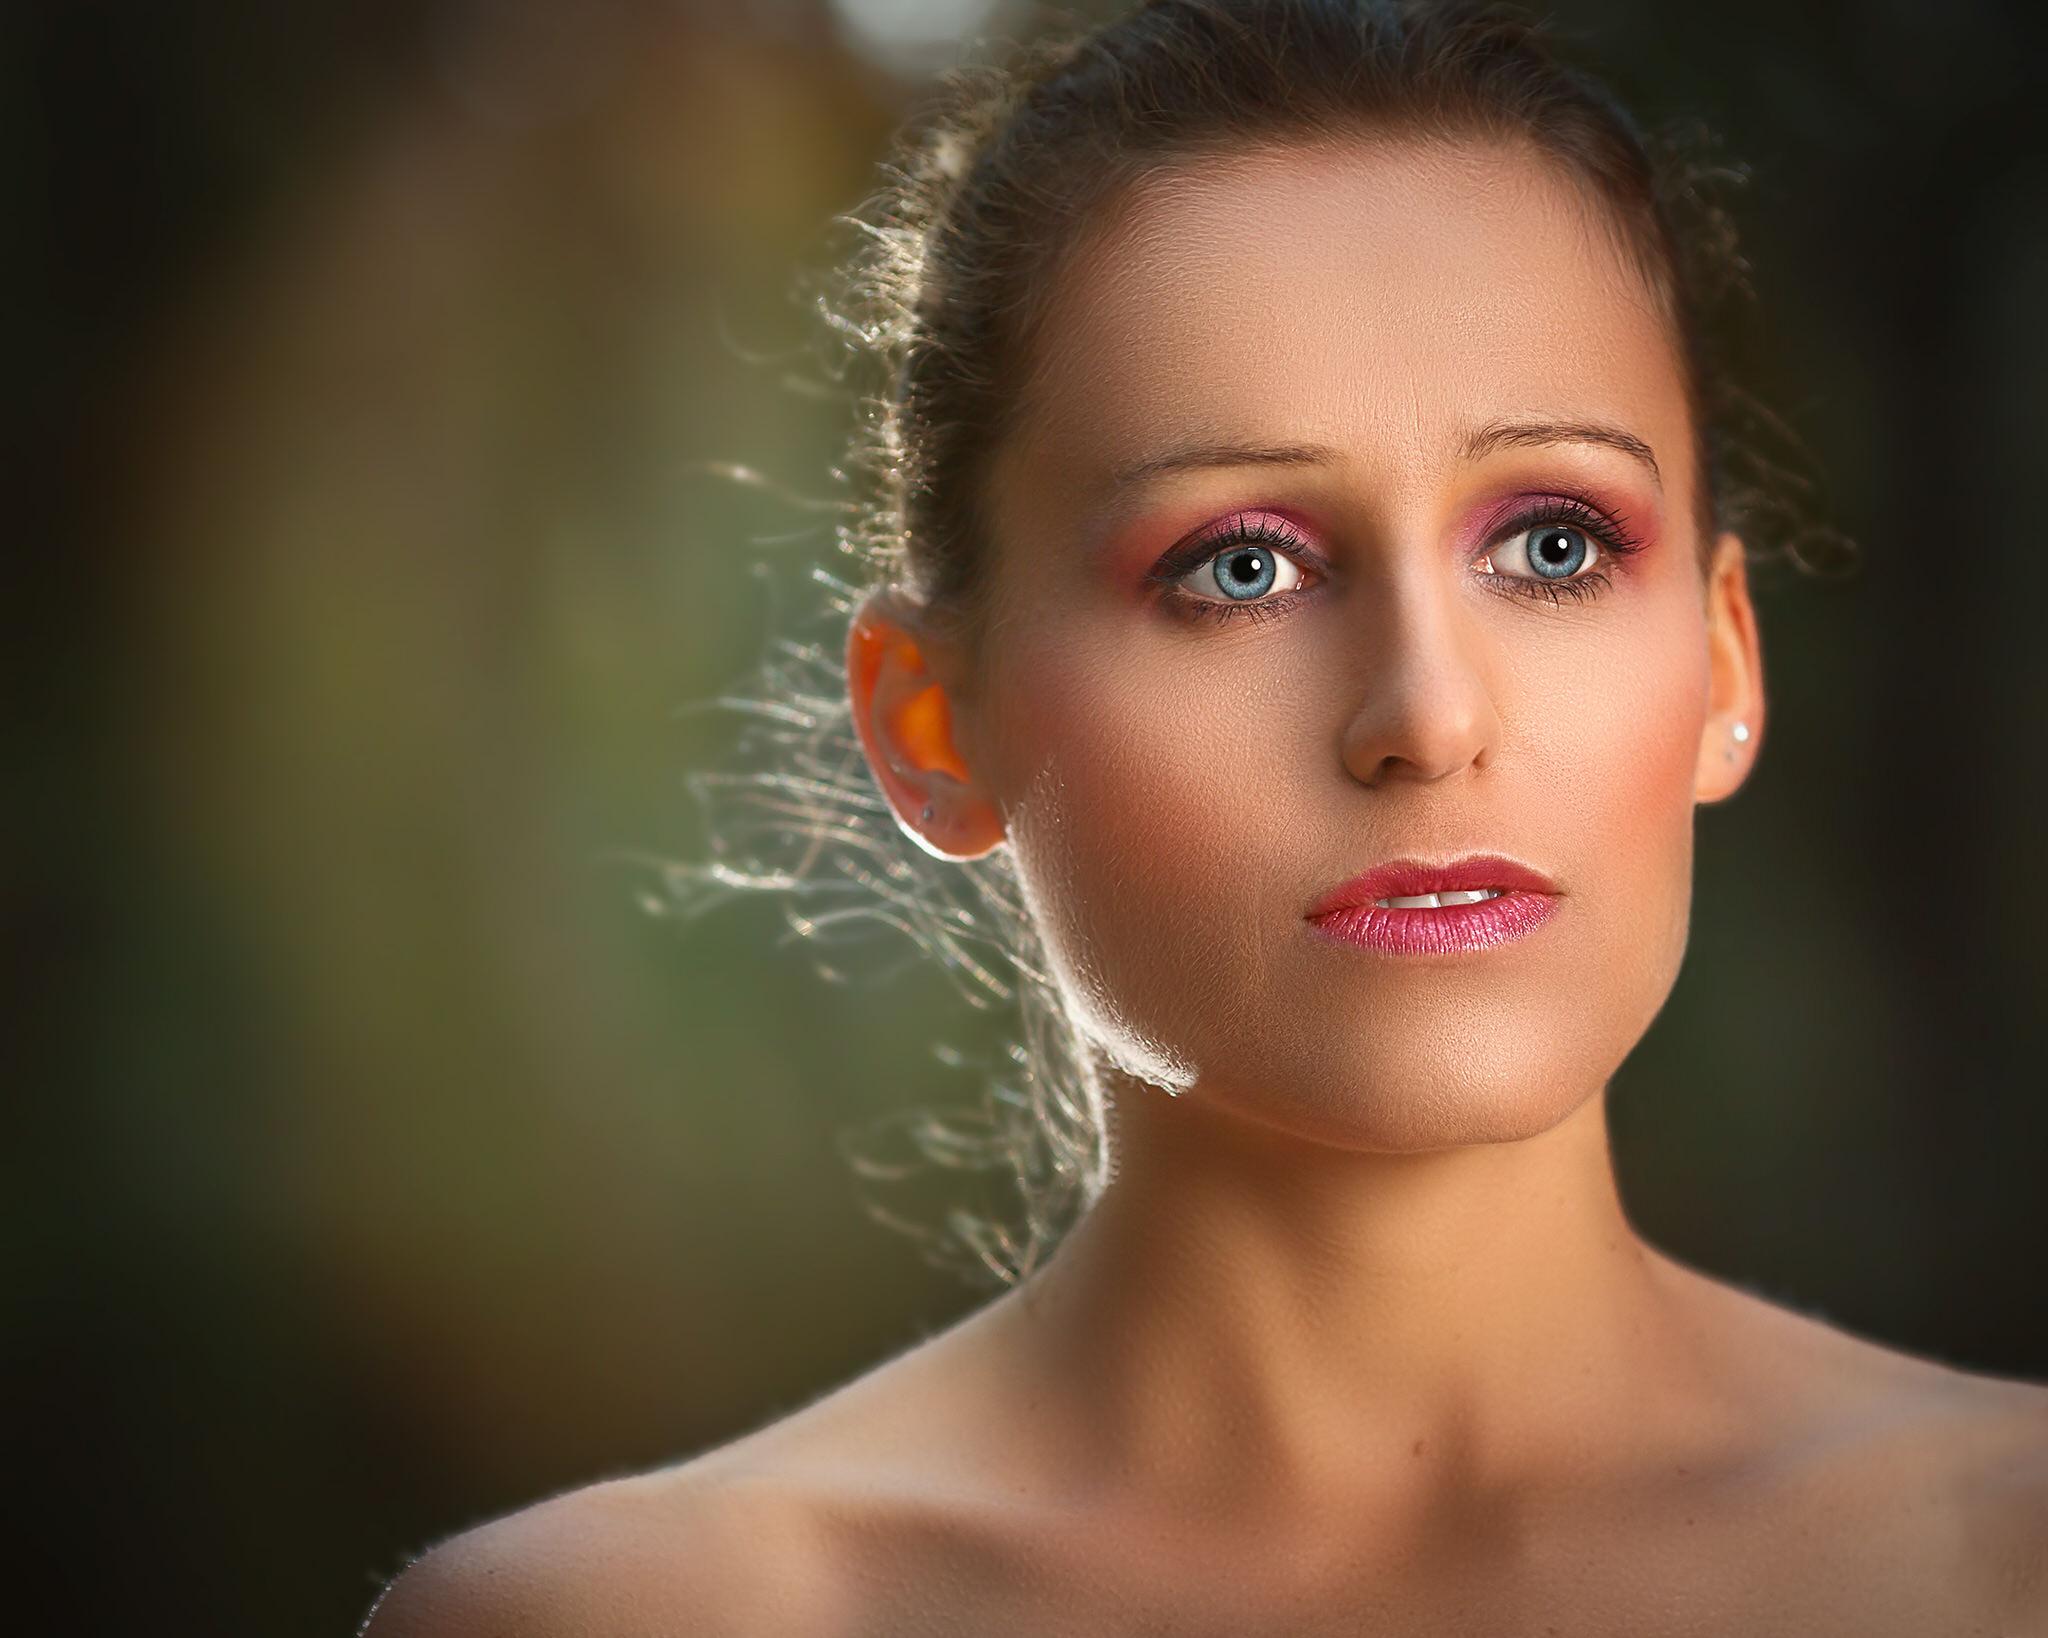 femme closeup nue yeux bleus